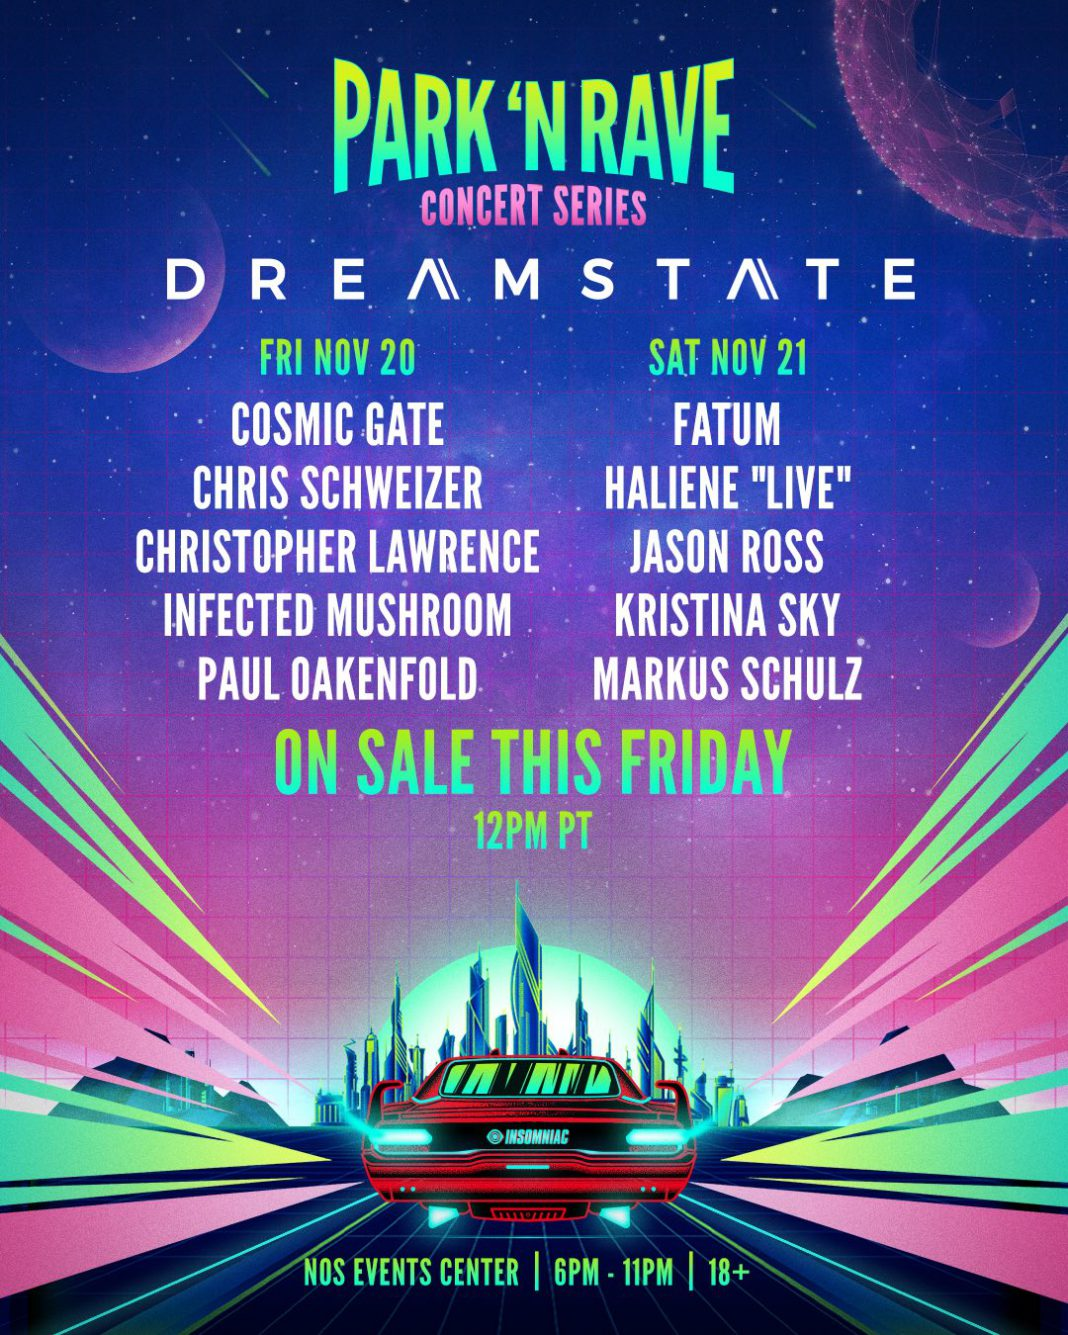 Dreamstate Park N Rave Lineup